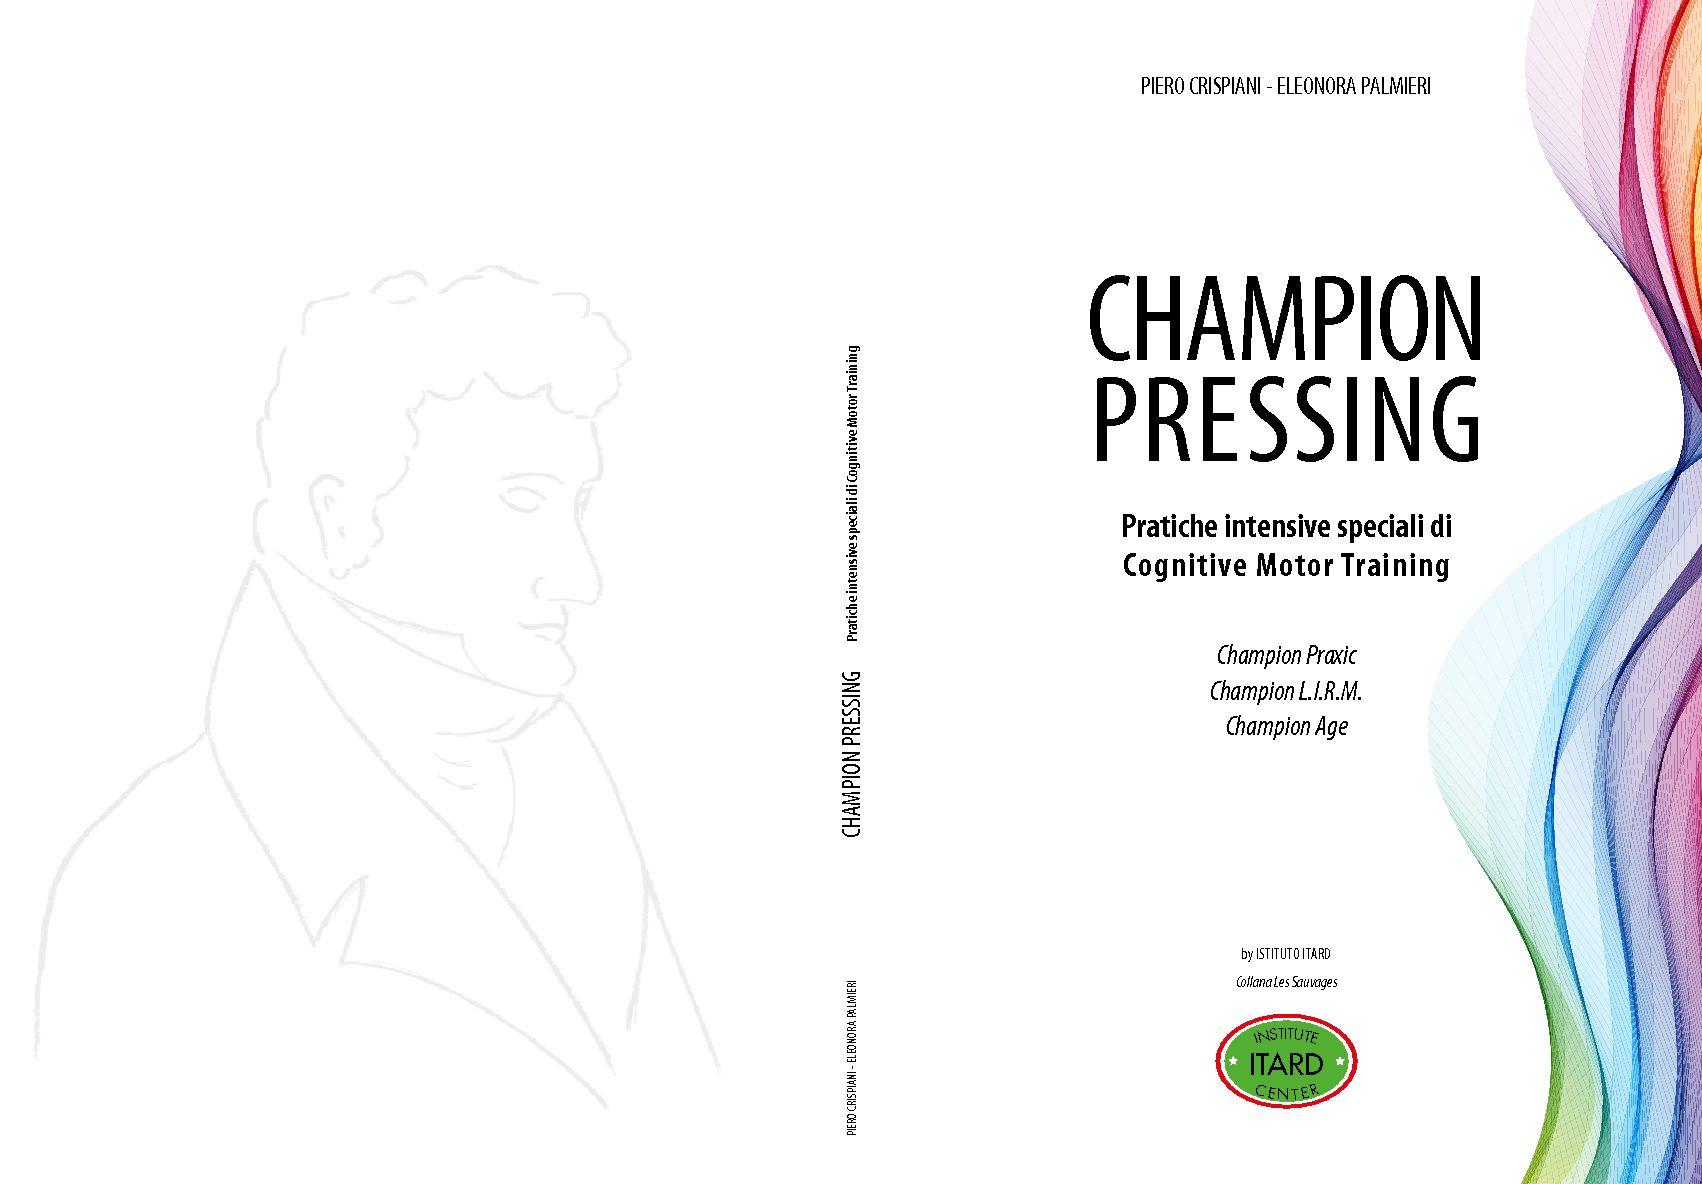 GUIDA PROFESSIONALE CHAMPION PRESSING - Crispiani-Palmieri